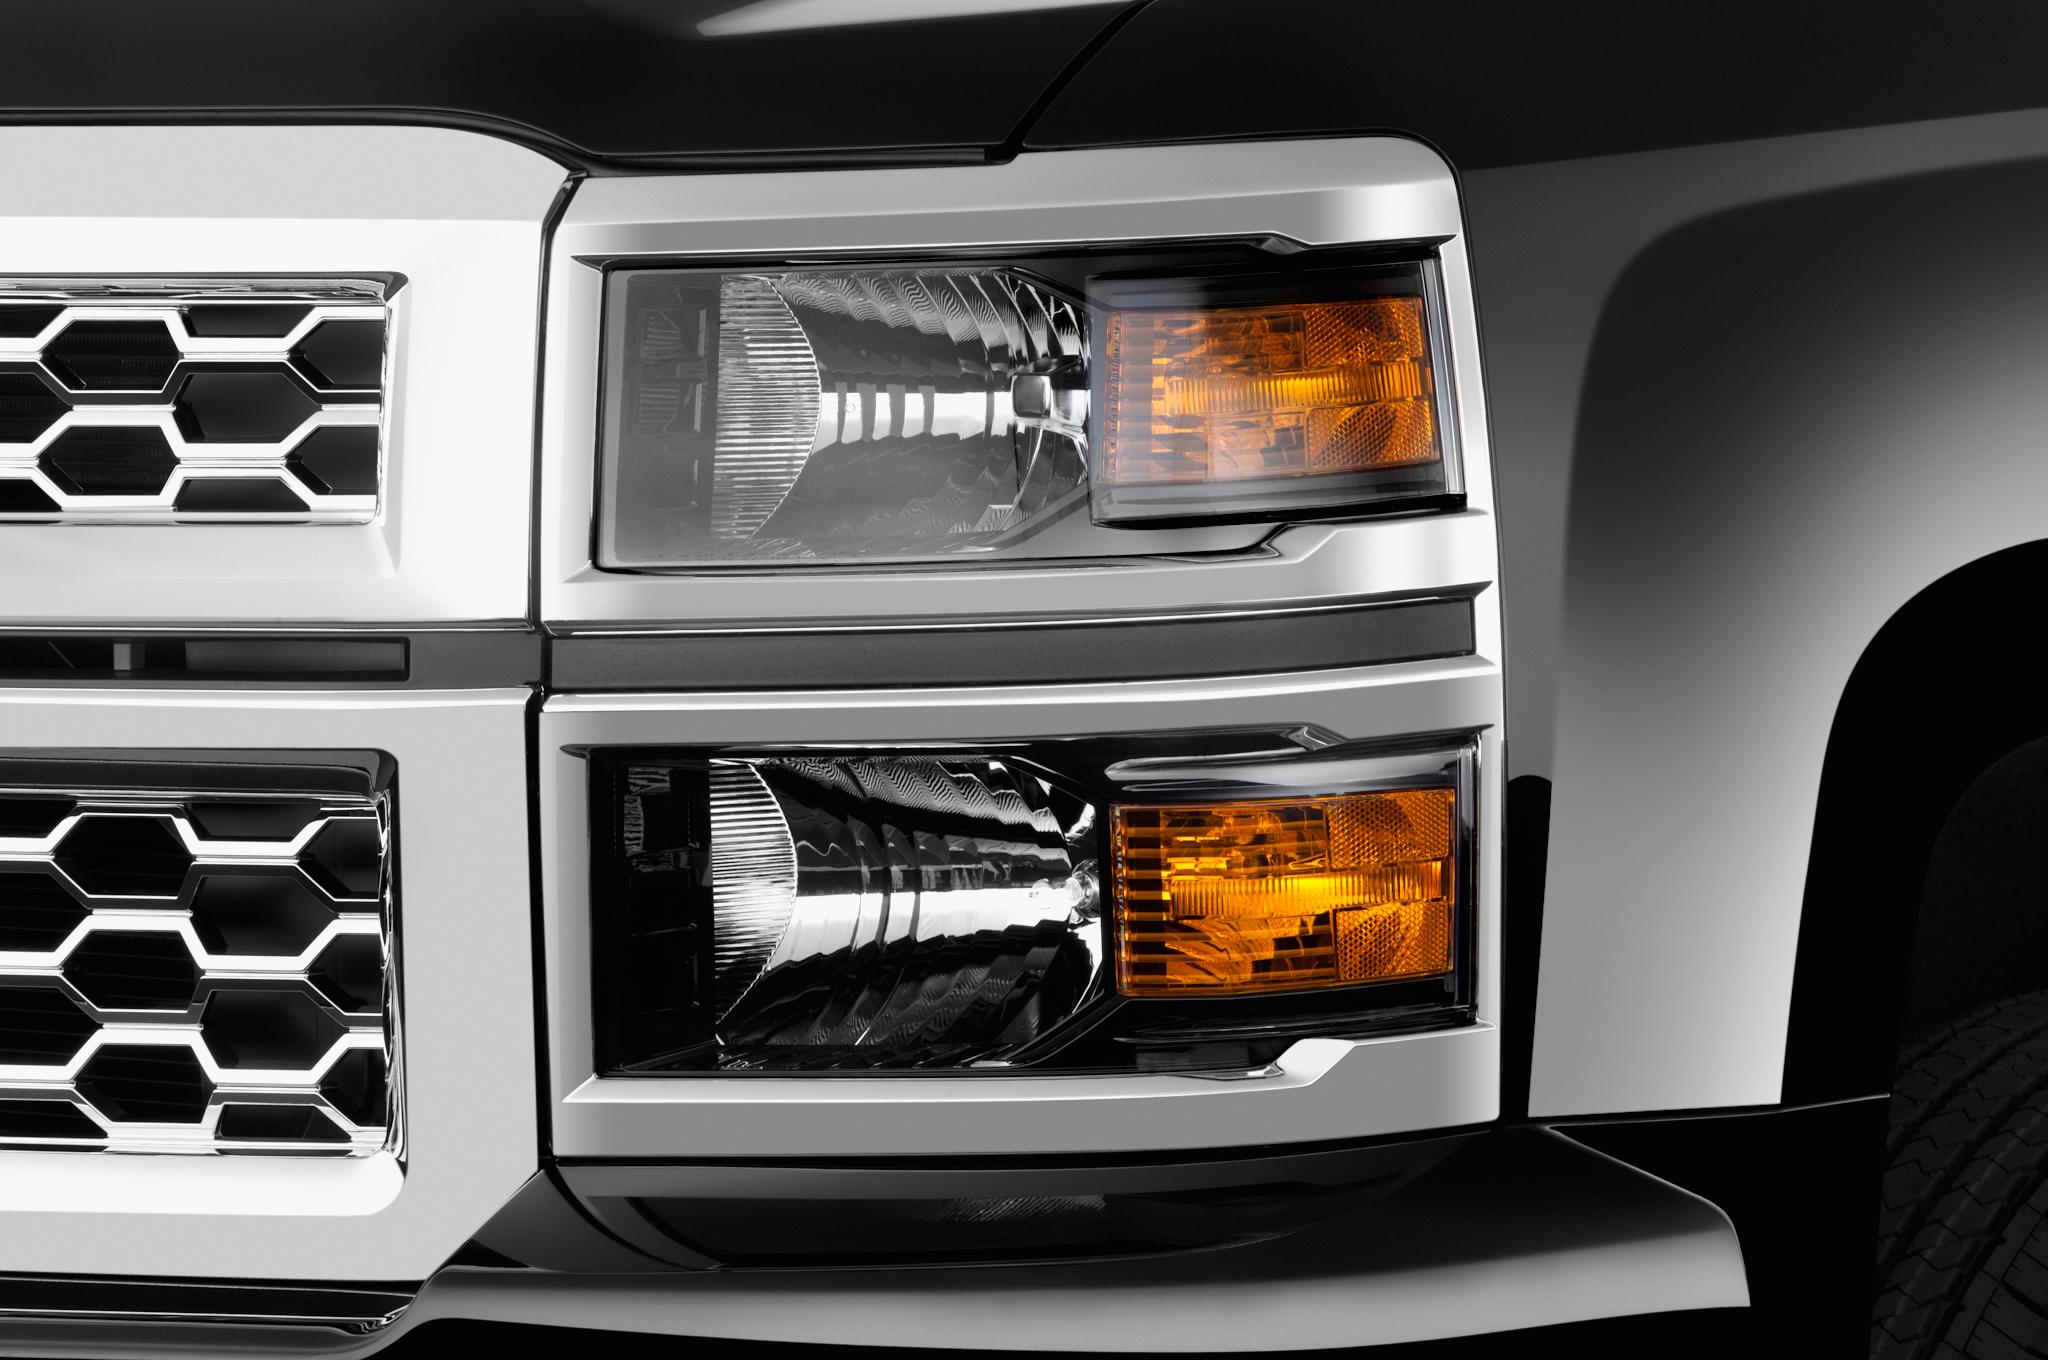 2016 Chevrolet Silverado Gmc Sierra Add Eassist Hybrid Automobile 84 Gm S10 Power Window Wiring Diagram 16 125